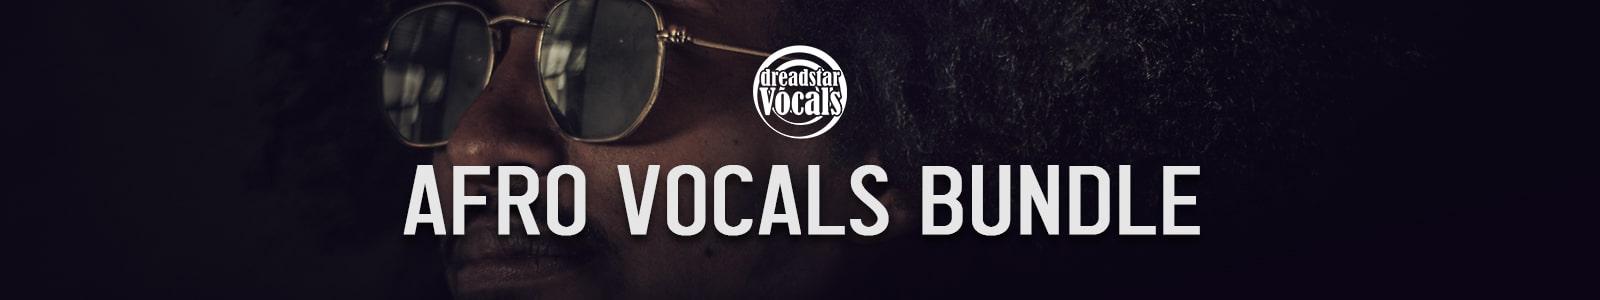 afro vocals bundle